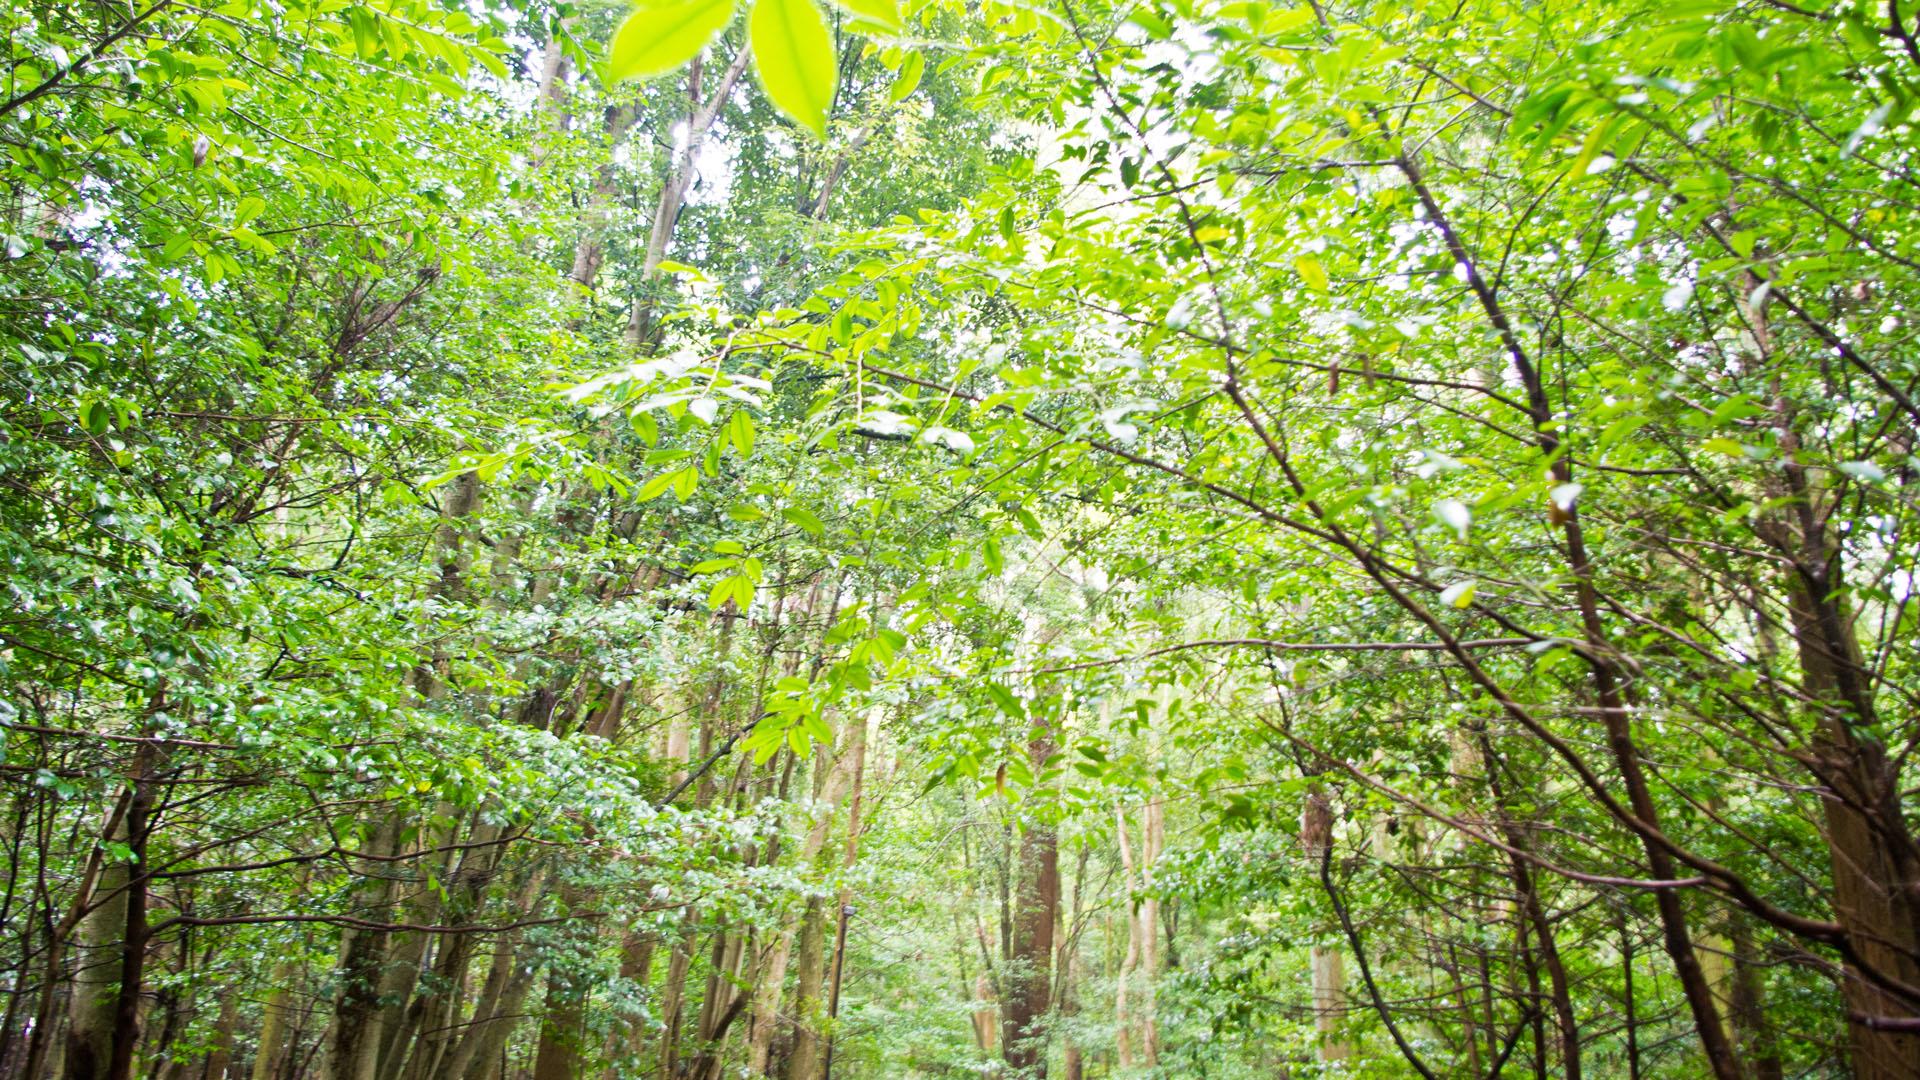 伊勢神宮の自然の森